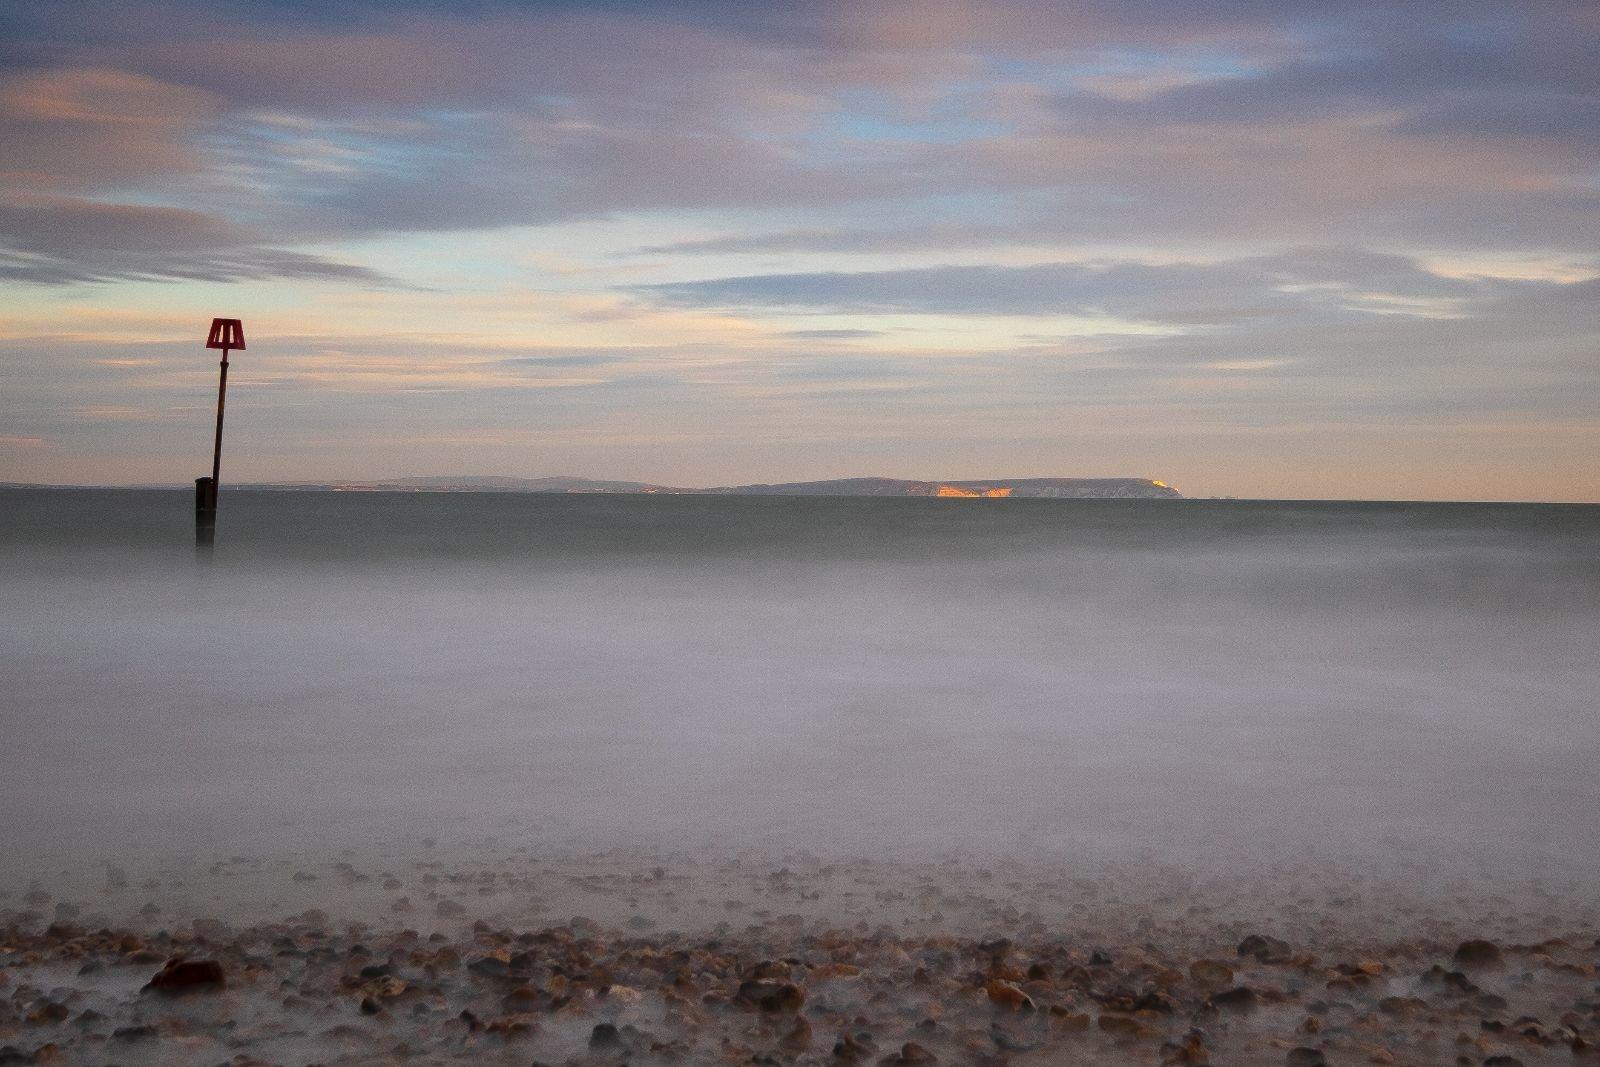 View of the Needles, Mudeford Beach, Dorset